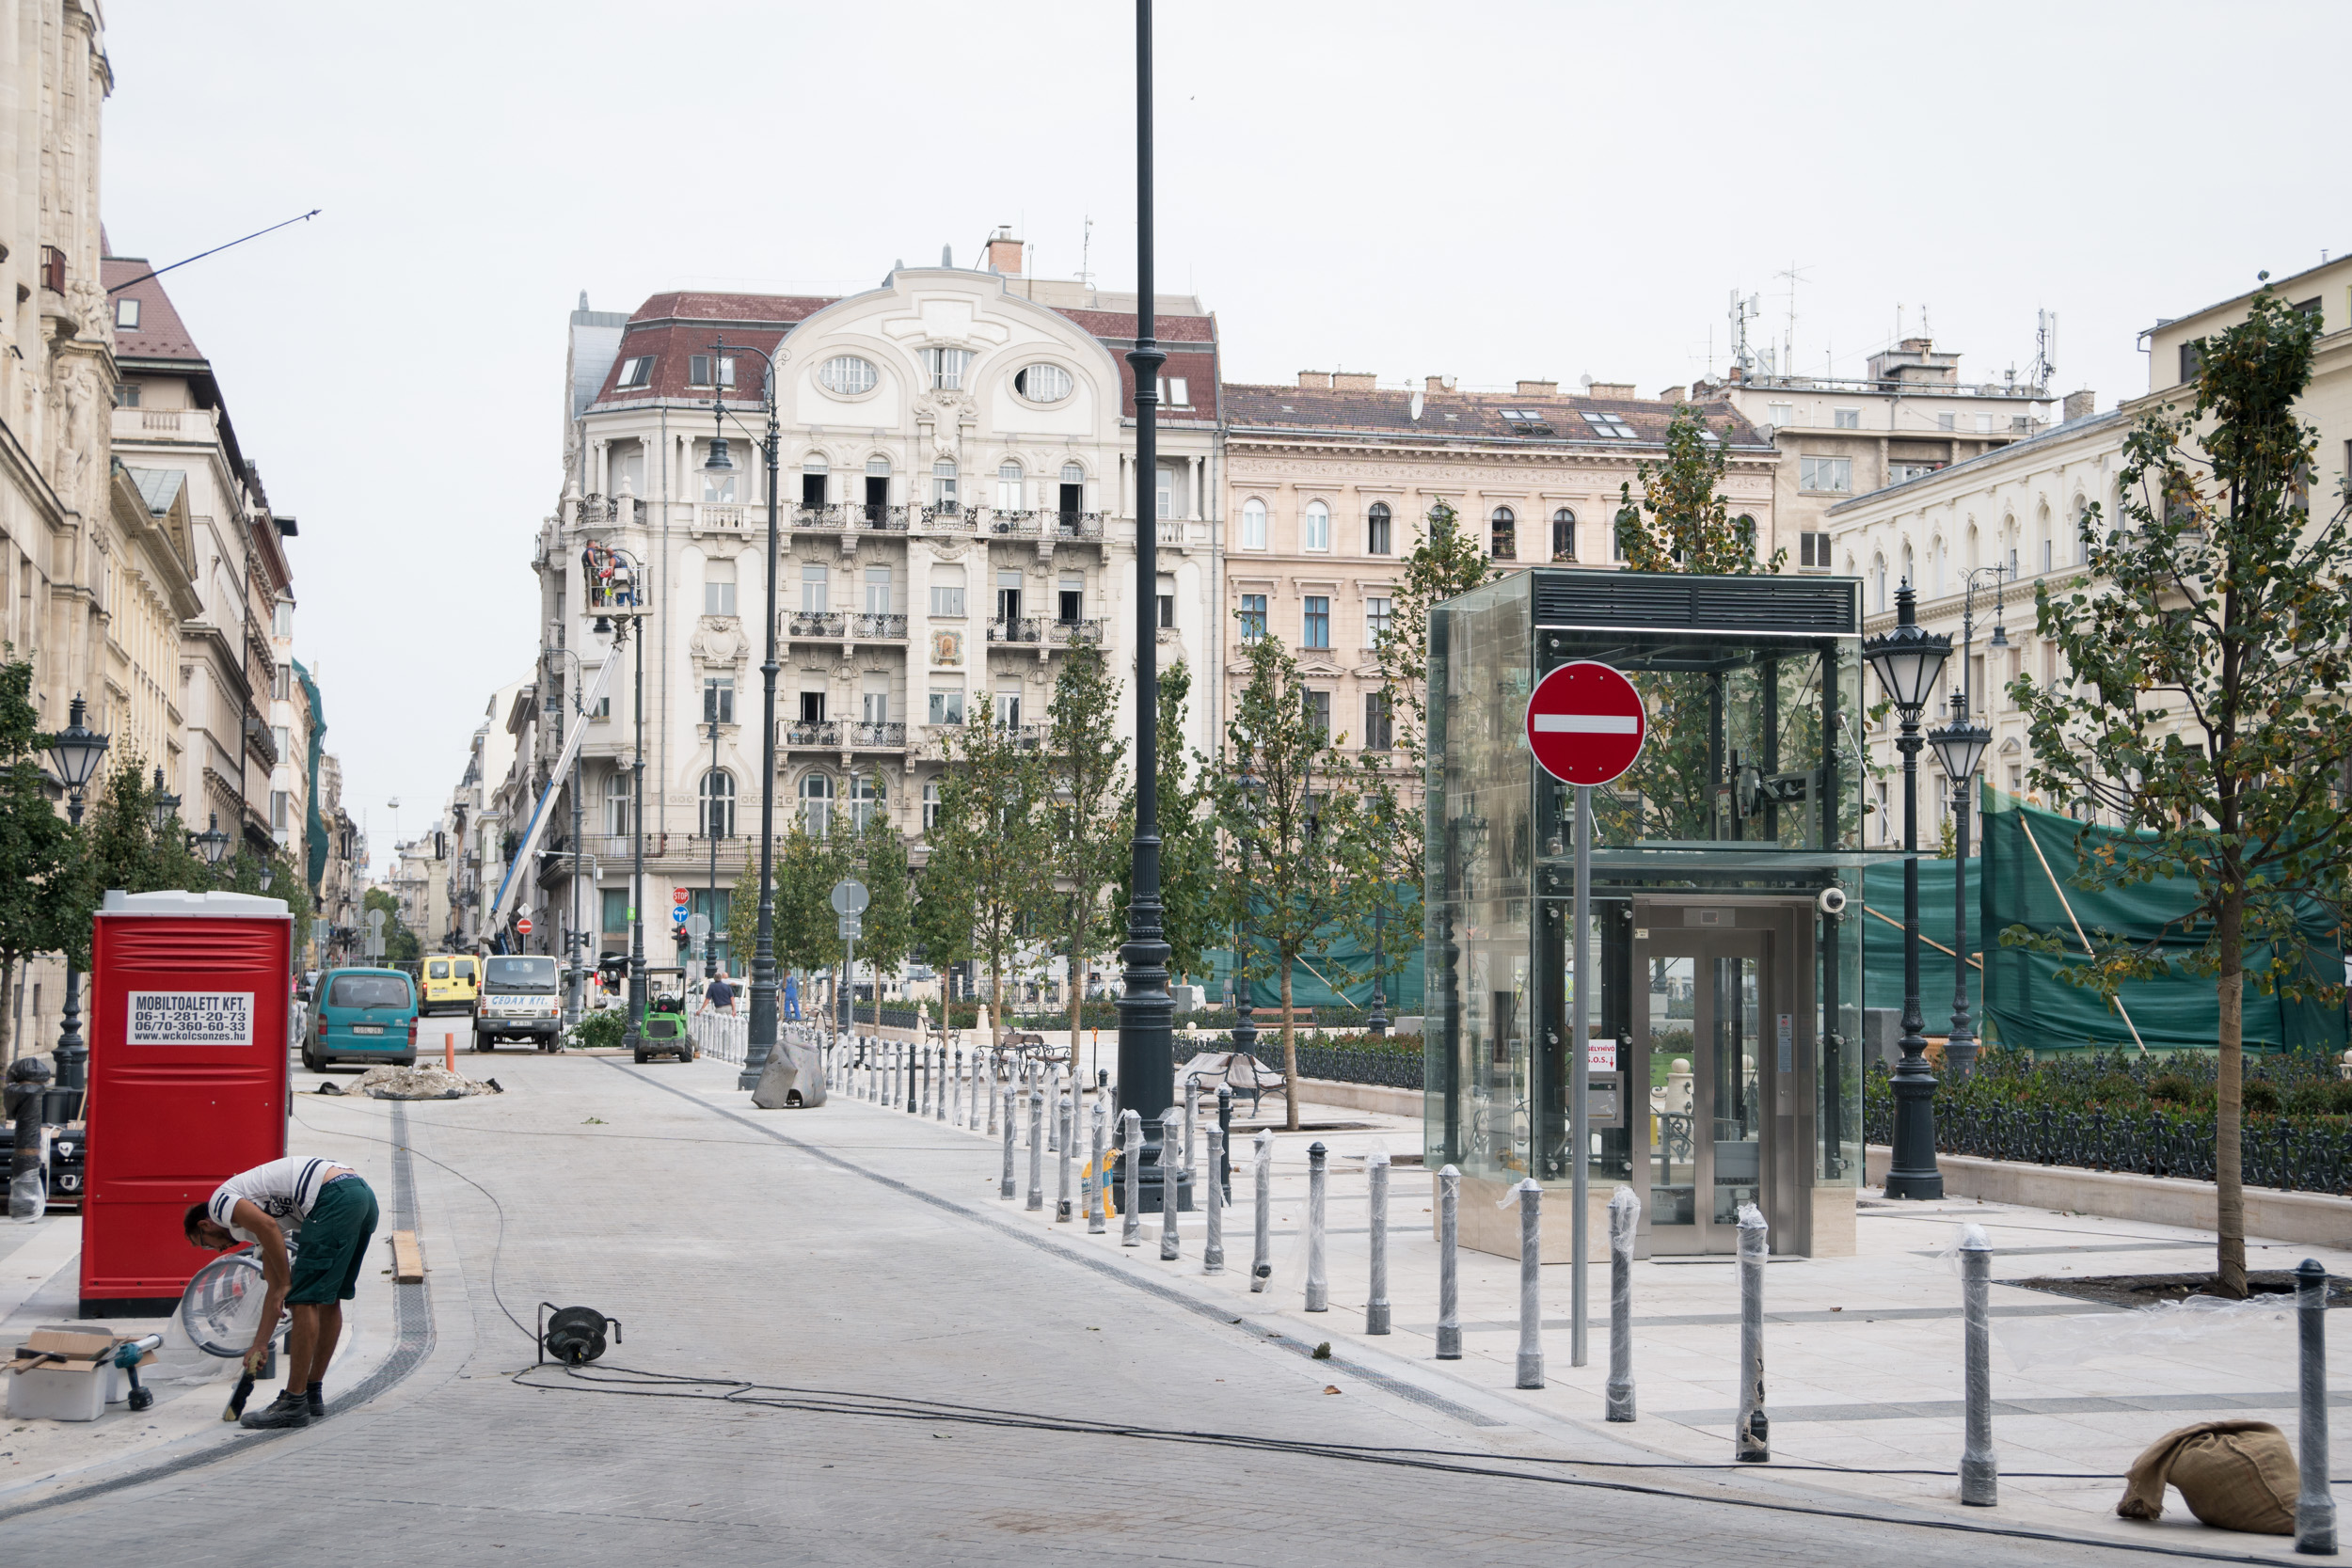 Ugrásszerűen nő a kiadó albérletek száma, Budapesten megtriplázódtak a 100 ezer forint alattiak